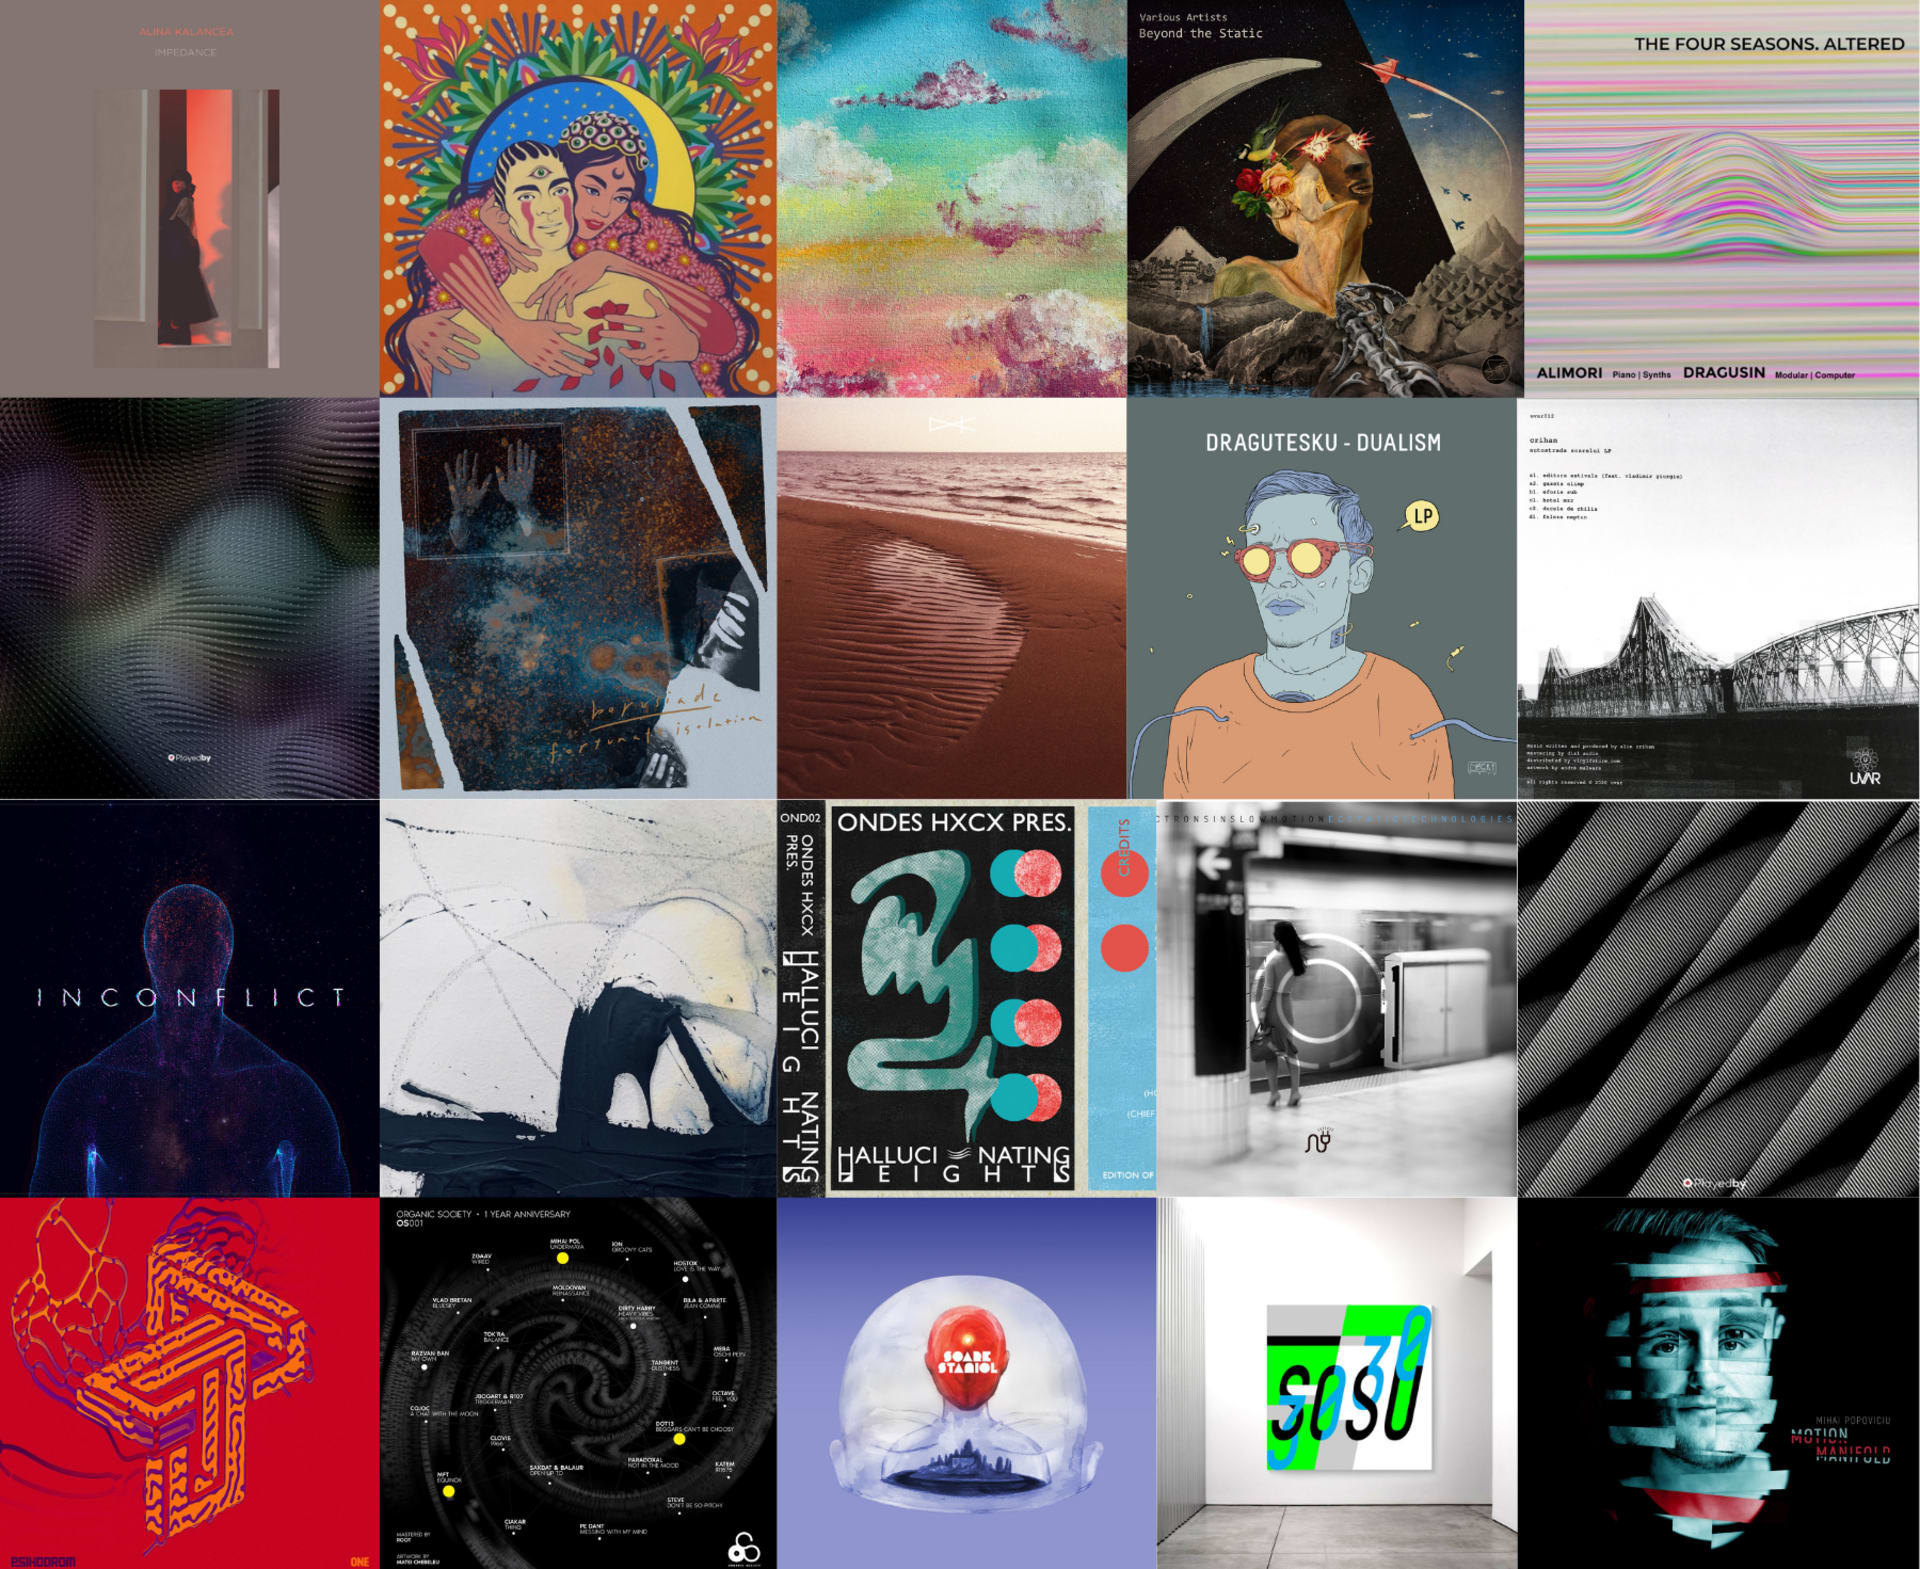 Albume și compilații din 2020